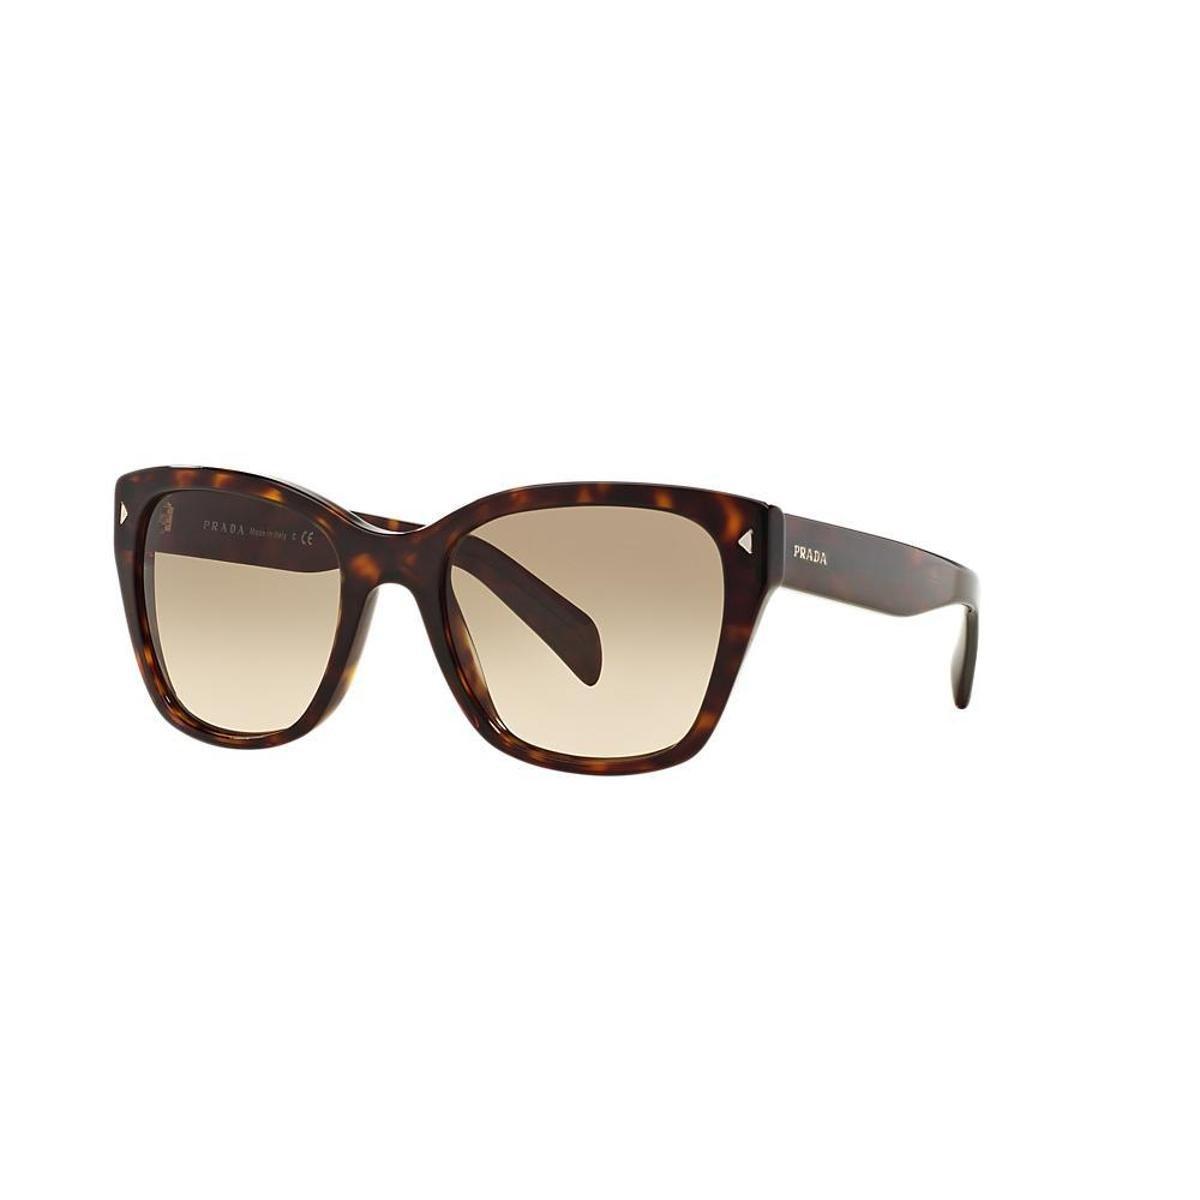 Óculos de Sol Prada Quadrado PR 09SS Feminino - Compre Agora   Zattini d9e6177091